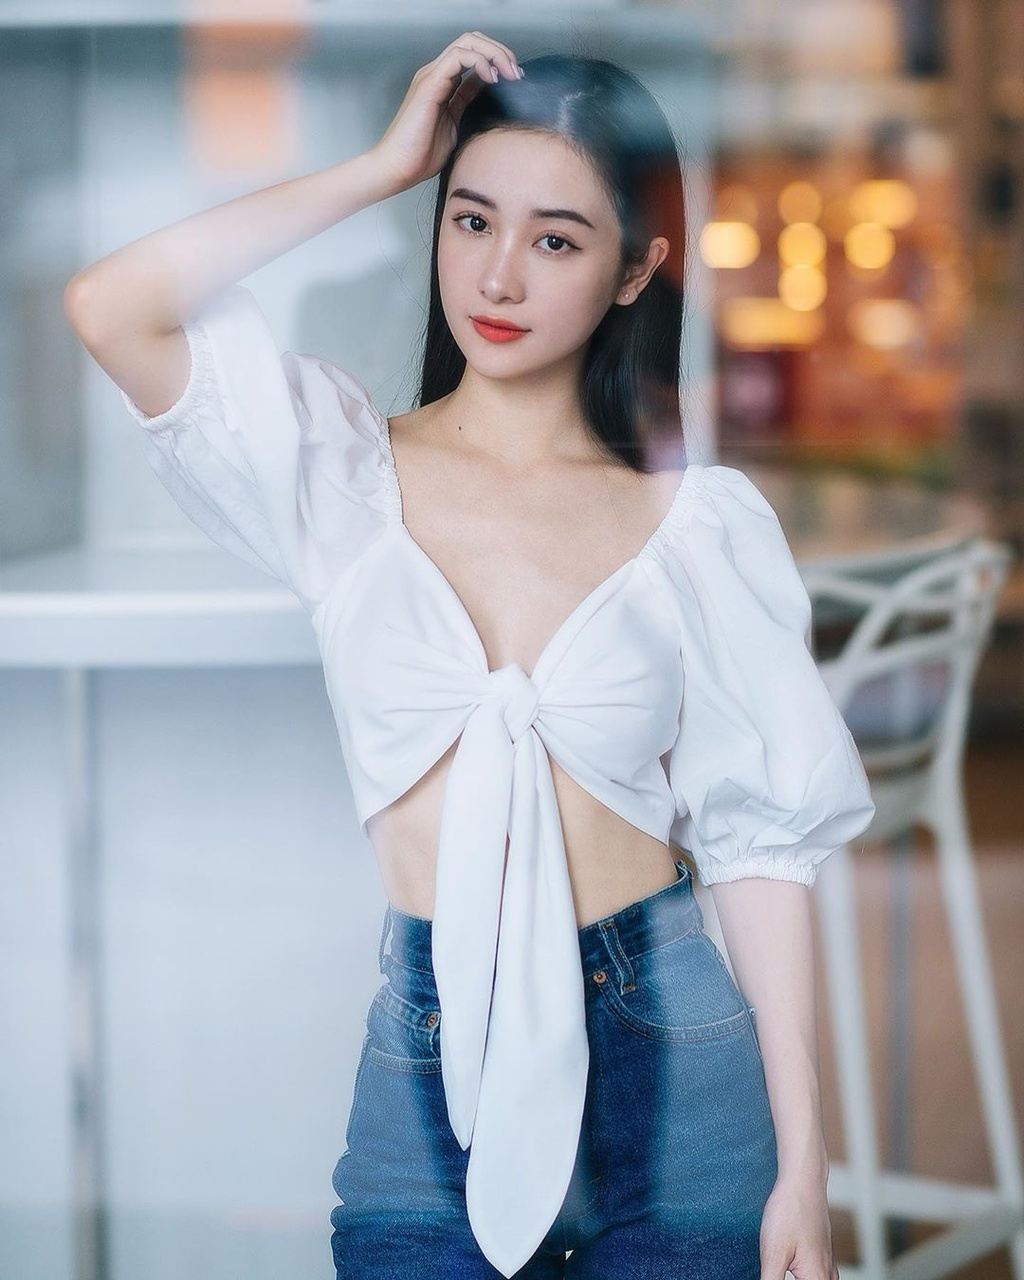 Phuong Trinh mac vay xuyen thau, Thieu Bao Tram duoc khen nhu bup be hinh anh 14